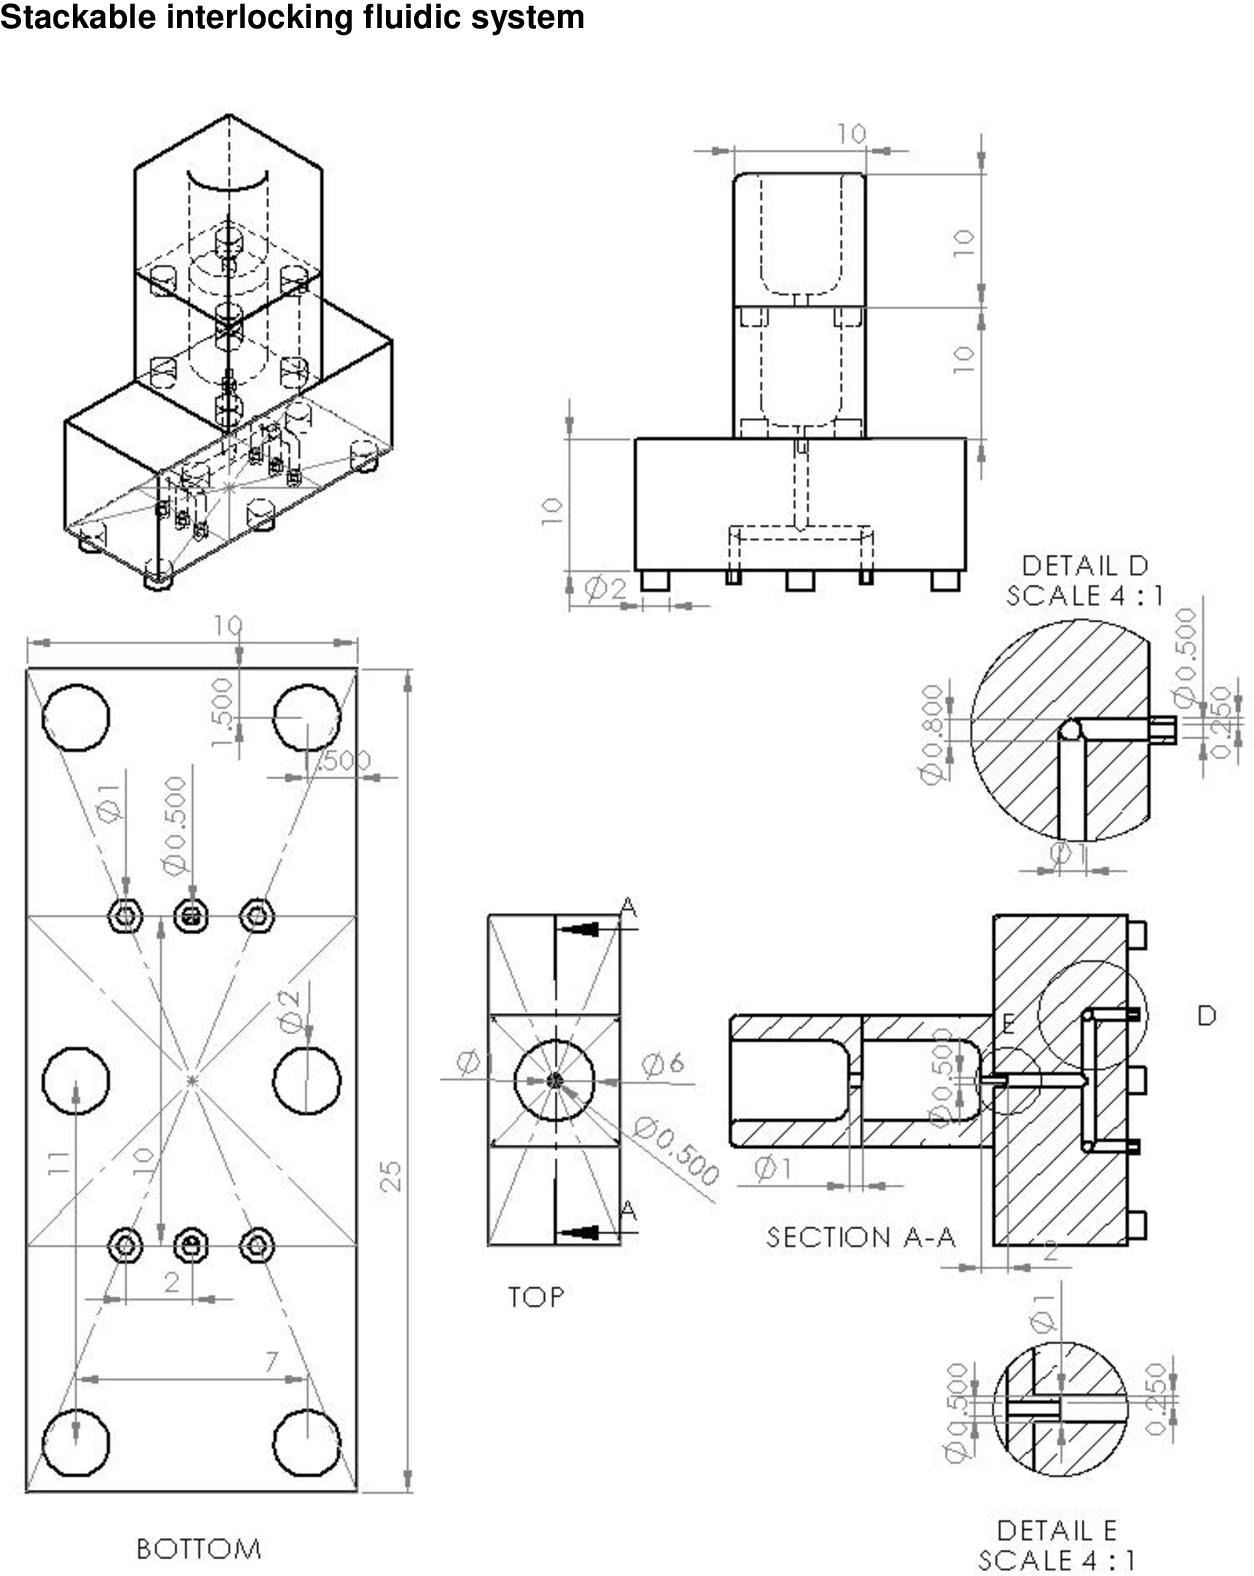 figure C-1